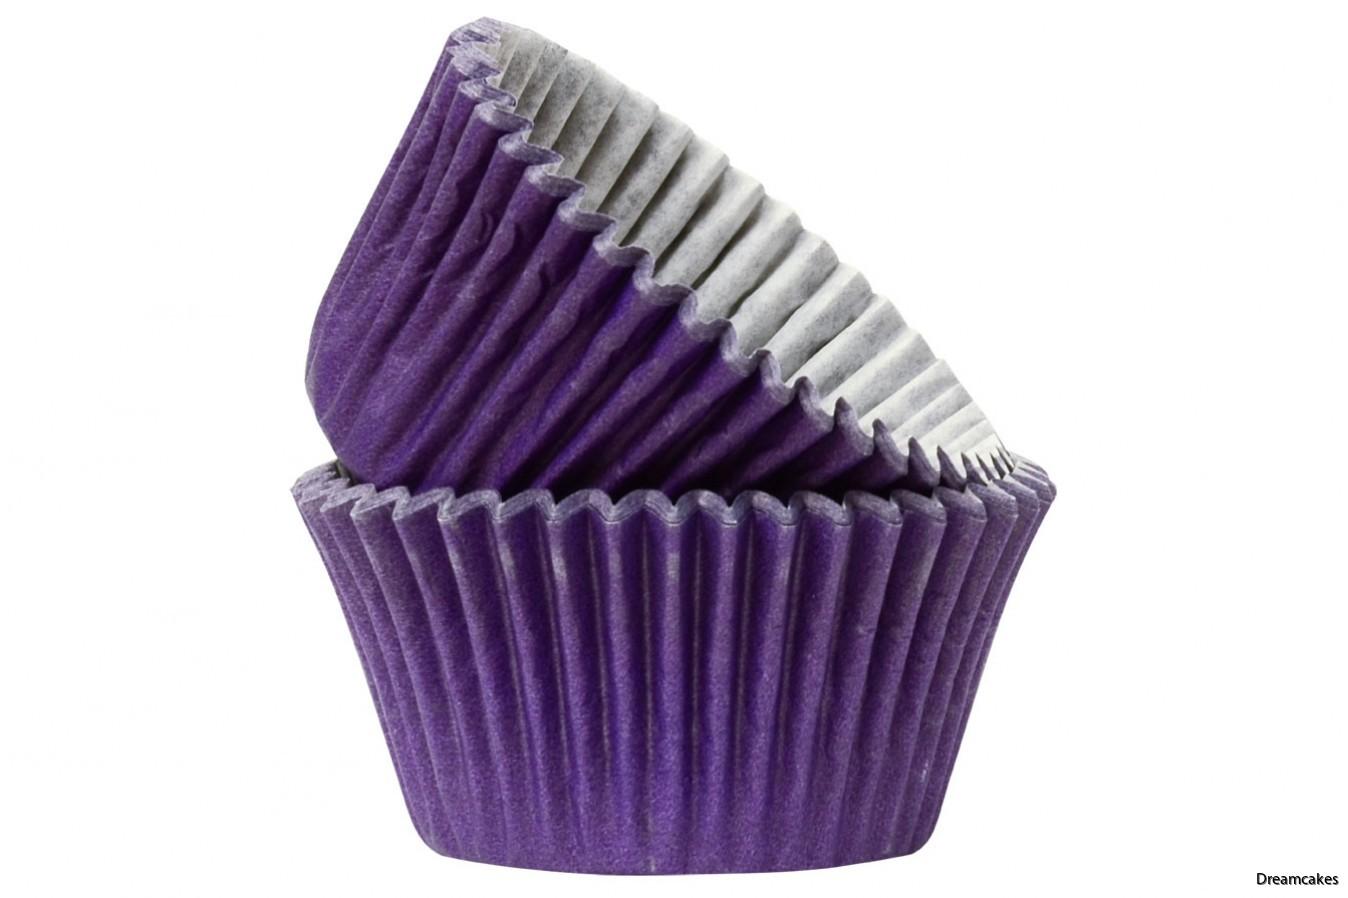 Läckert mörklila muffinsformar/cupcakesformar som håller färgen